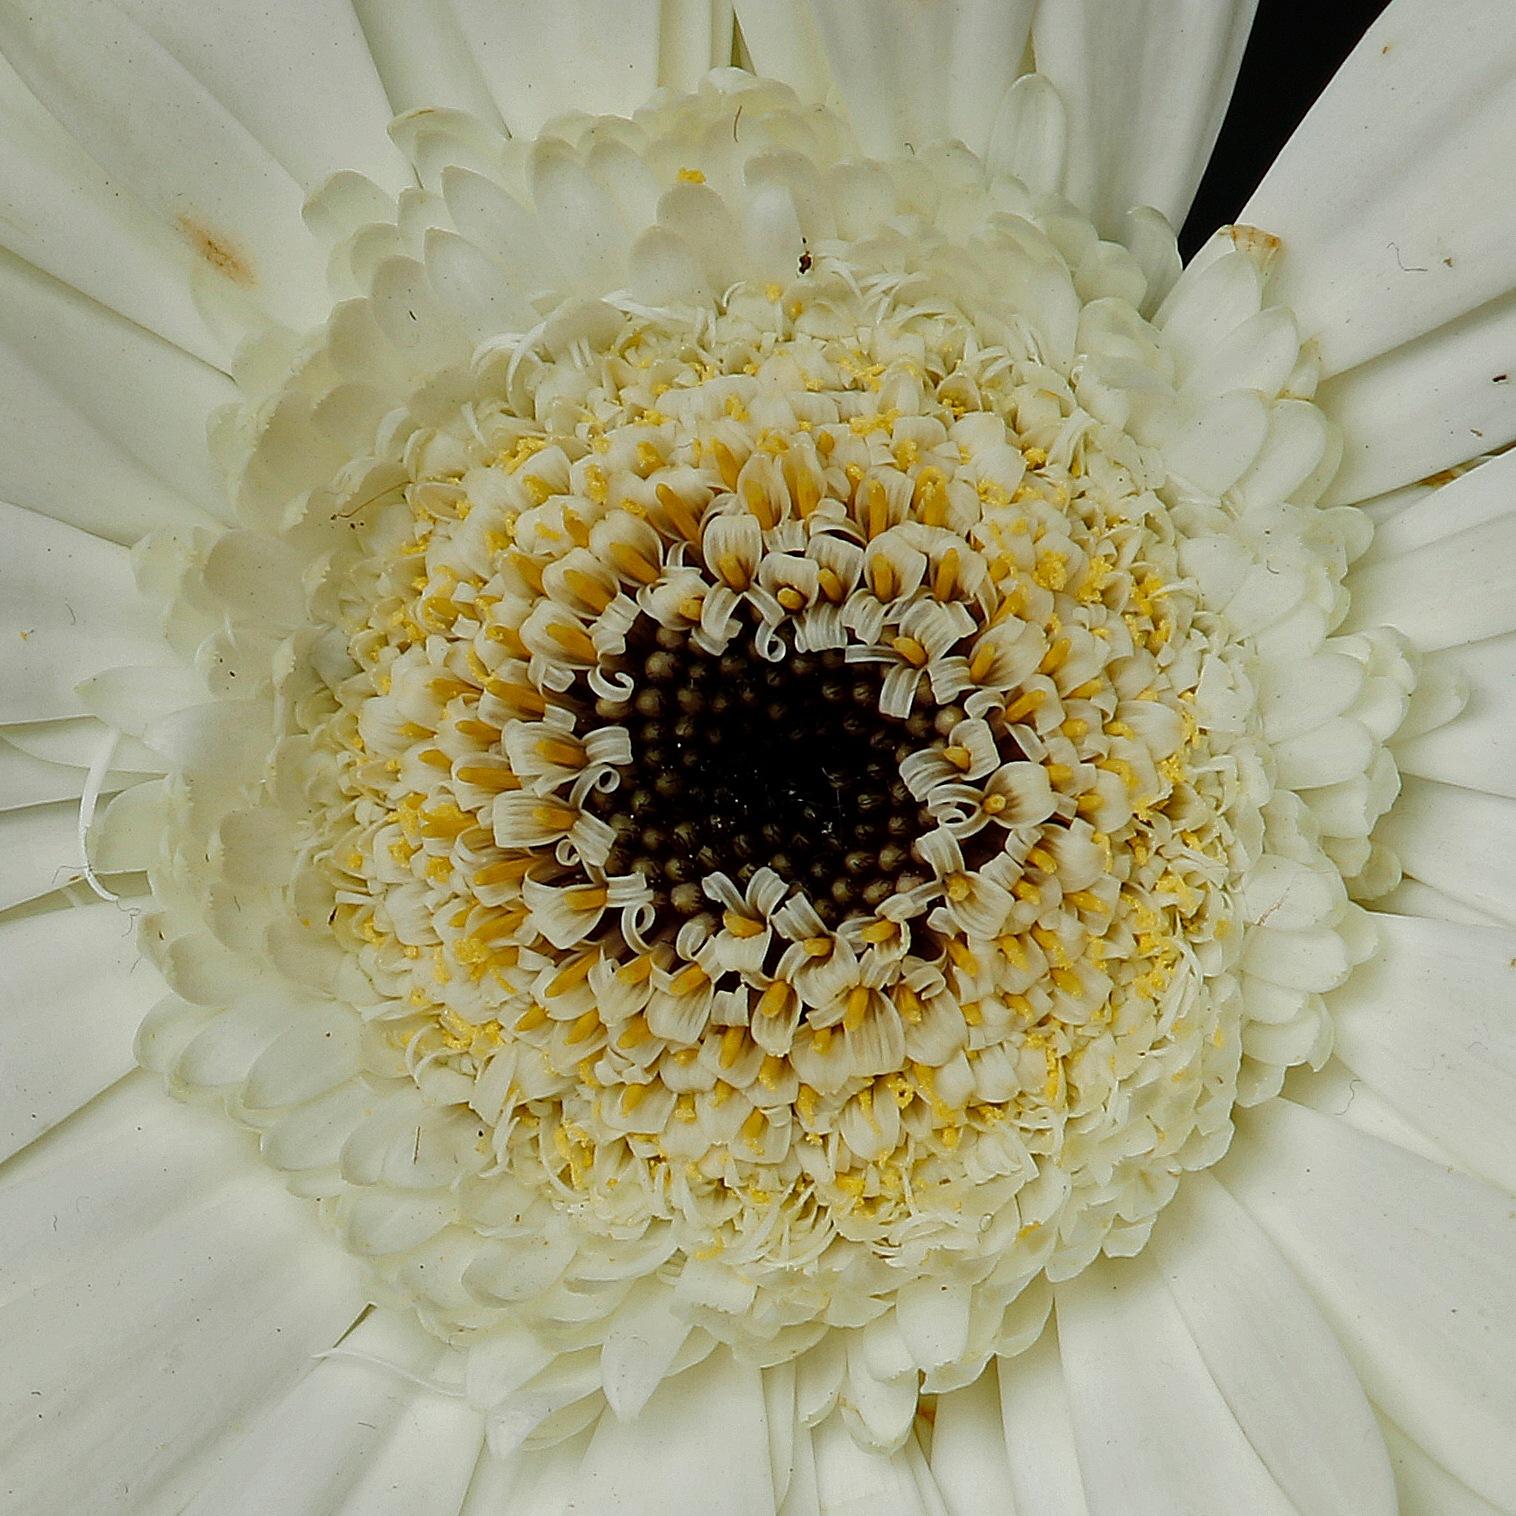 Flower the Gerbera by Sjaak Buis